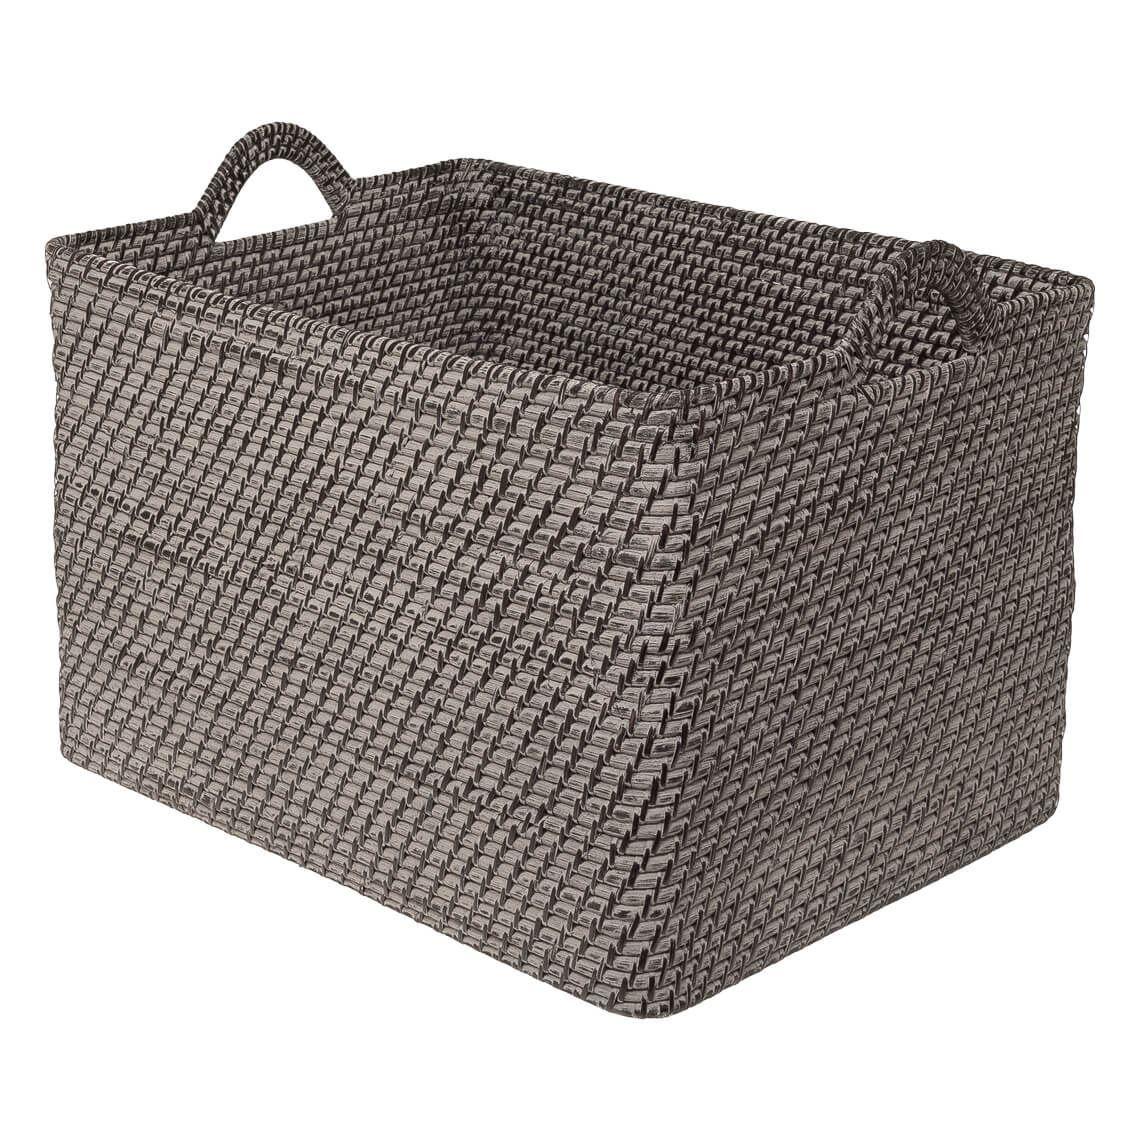 Onito Large Basket Products Large Baskets Storage Basket pertaining to sizing 1140 X 1140